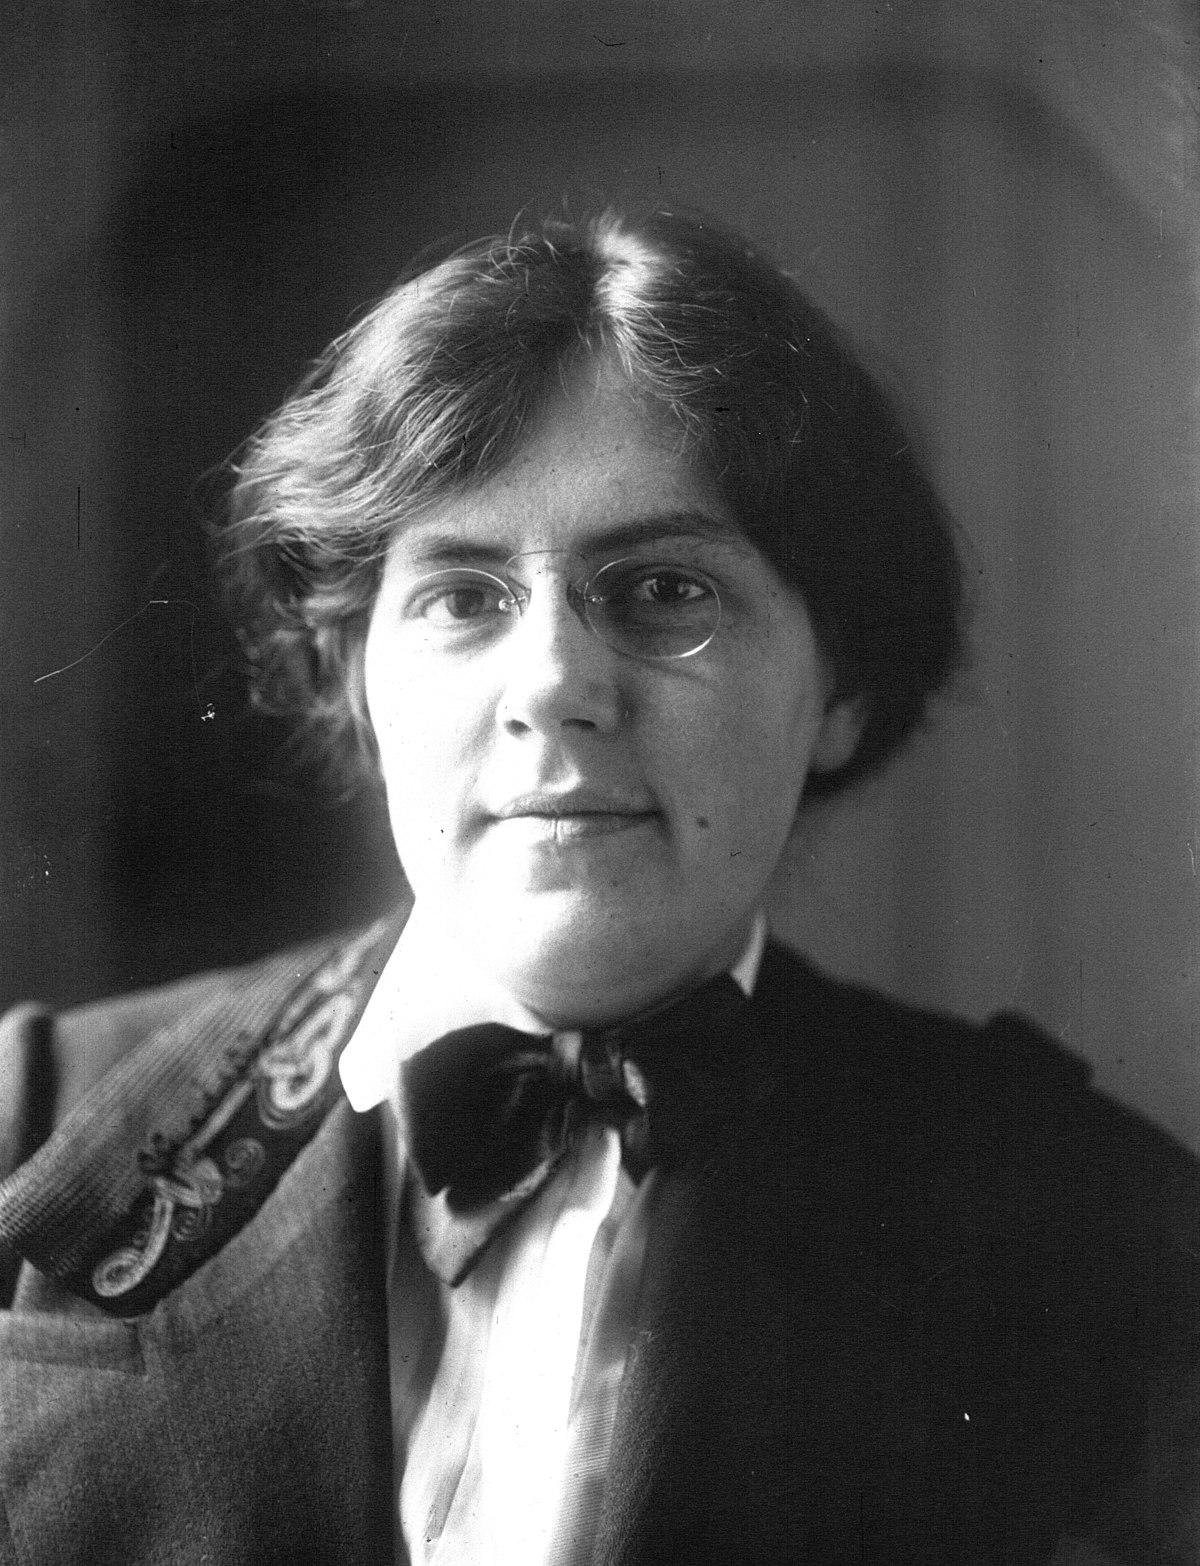 File:Nadia Boulanger 1910.jpg - Wikimedia Commons